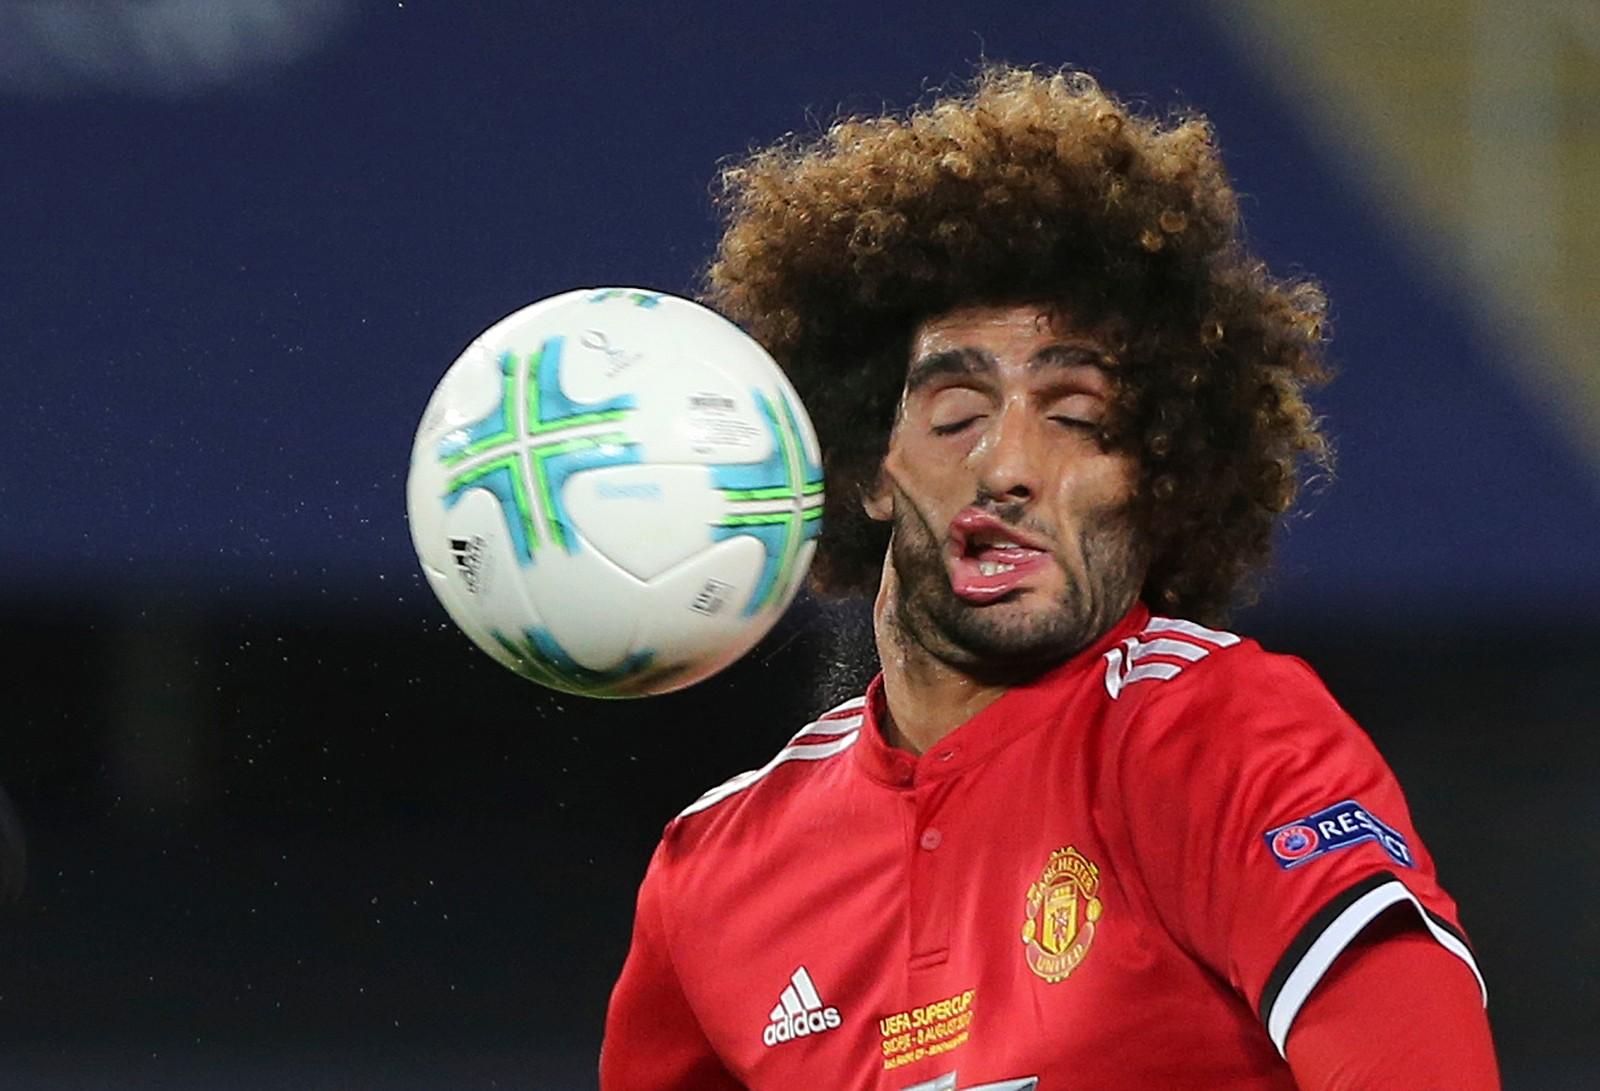 Manchester United-spiller Marouane Fellaini er uheldig og får ballen i ansiktet under UEFA Super Cup-finalen mot Real Madrid tirsdag. Kampen ble spilt i Skopje i Makedonia og Real Madrid vant 2-1.